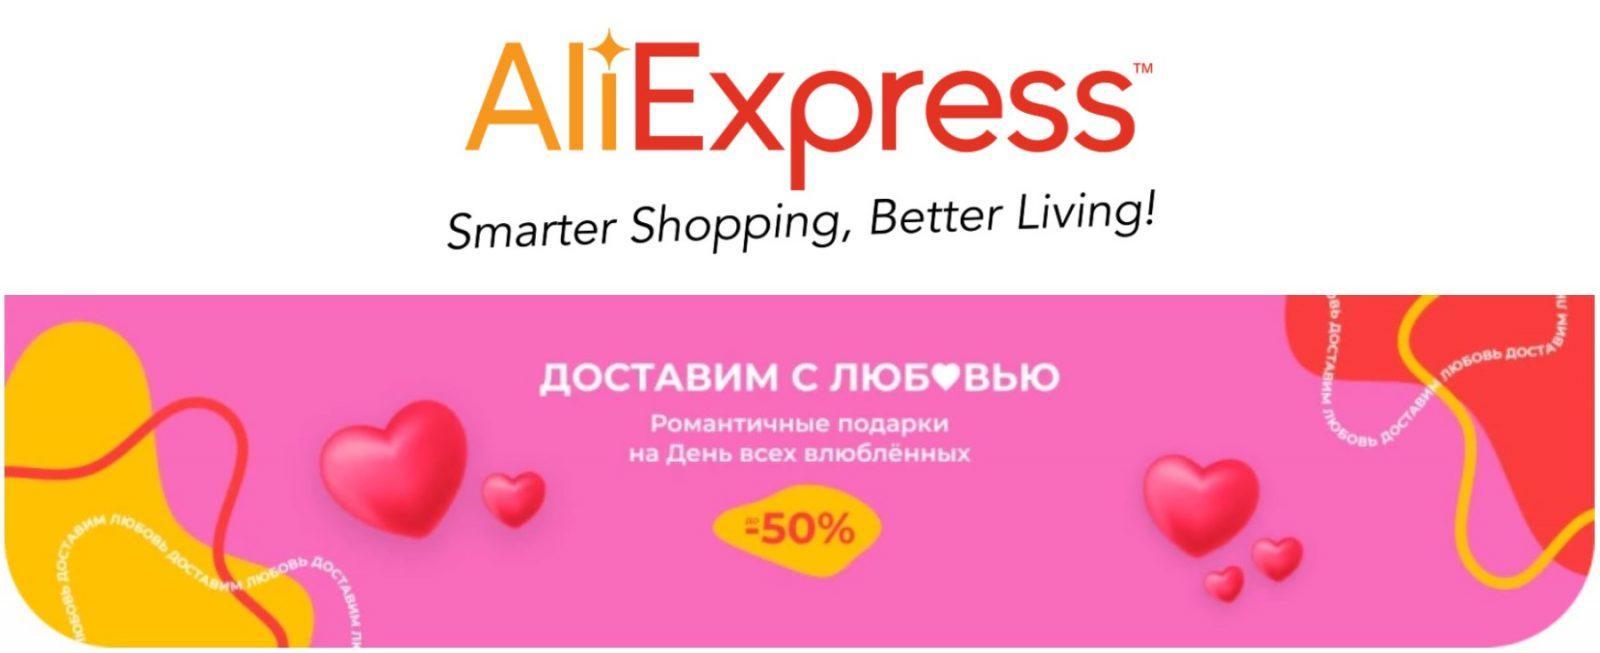 Анонс глобальной распродажи «Доставим с любовью» на AliExpress